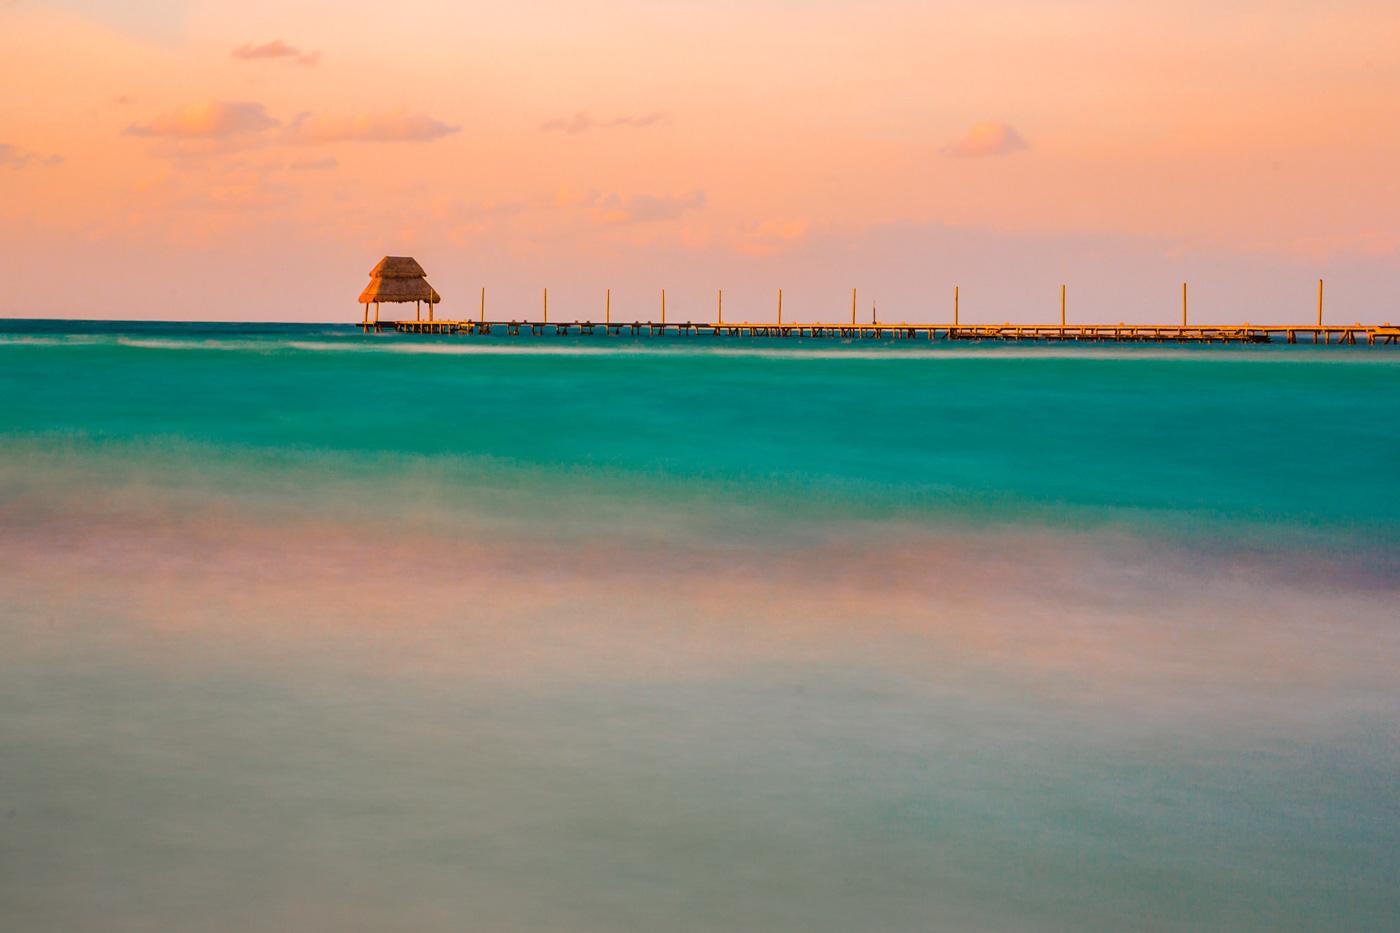 Pier in Ocean Photo